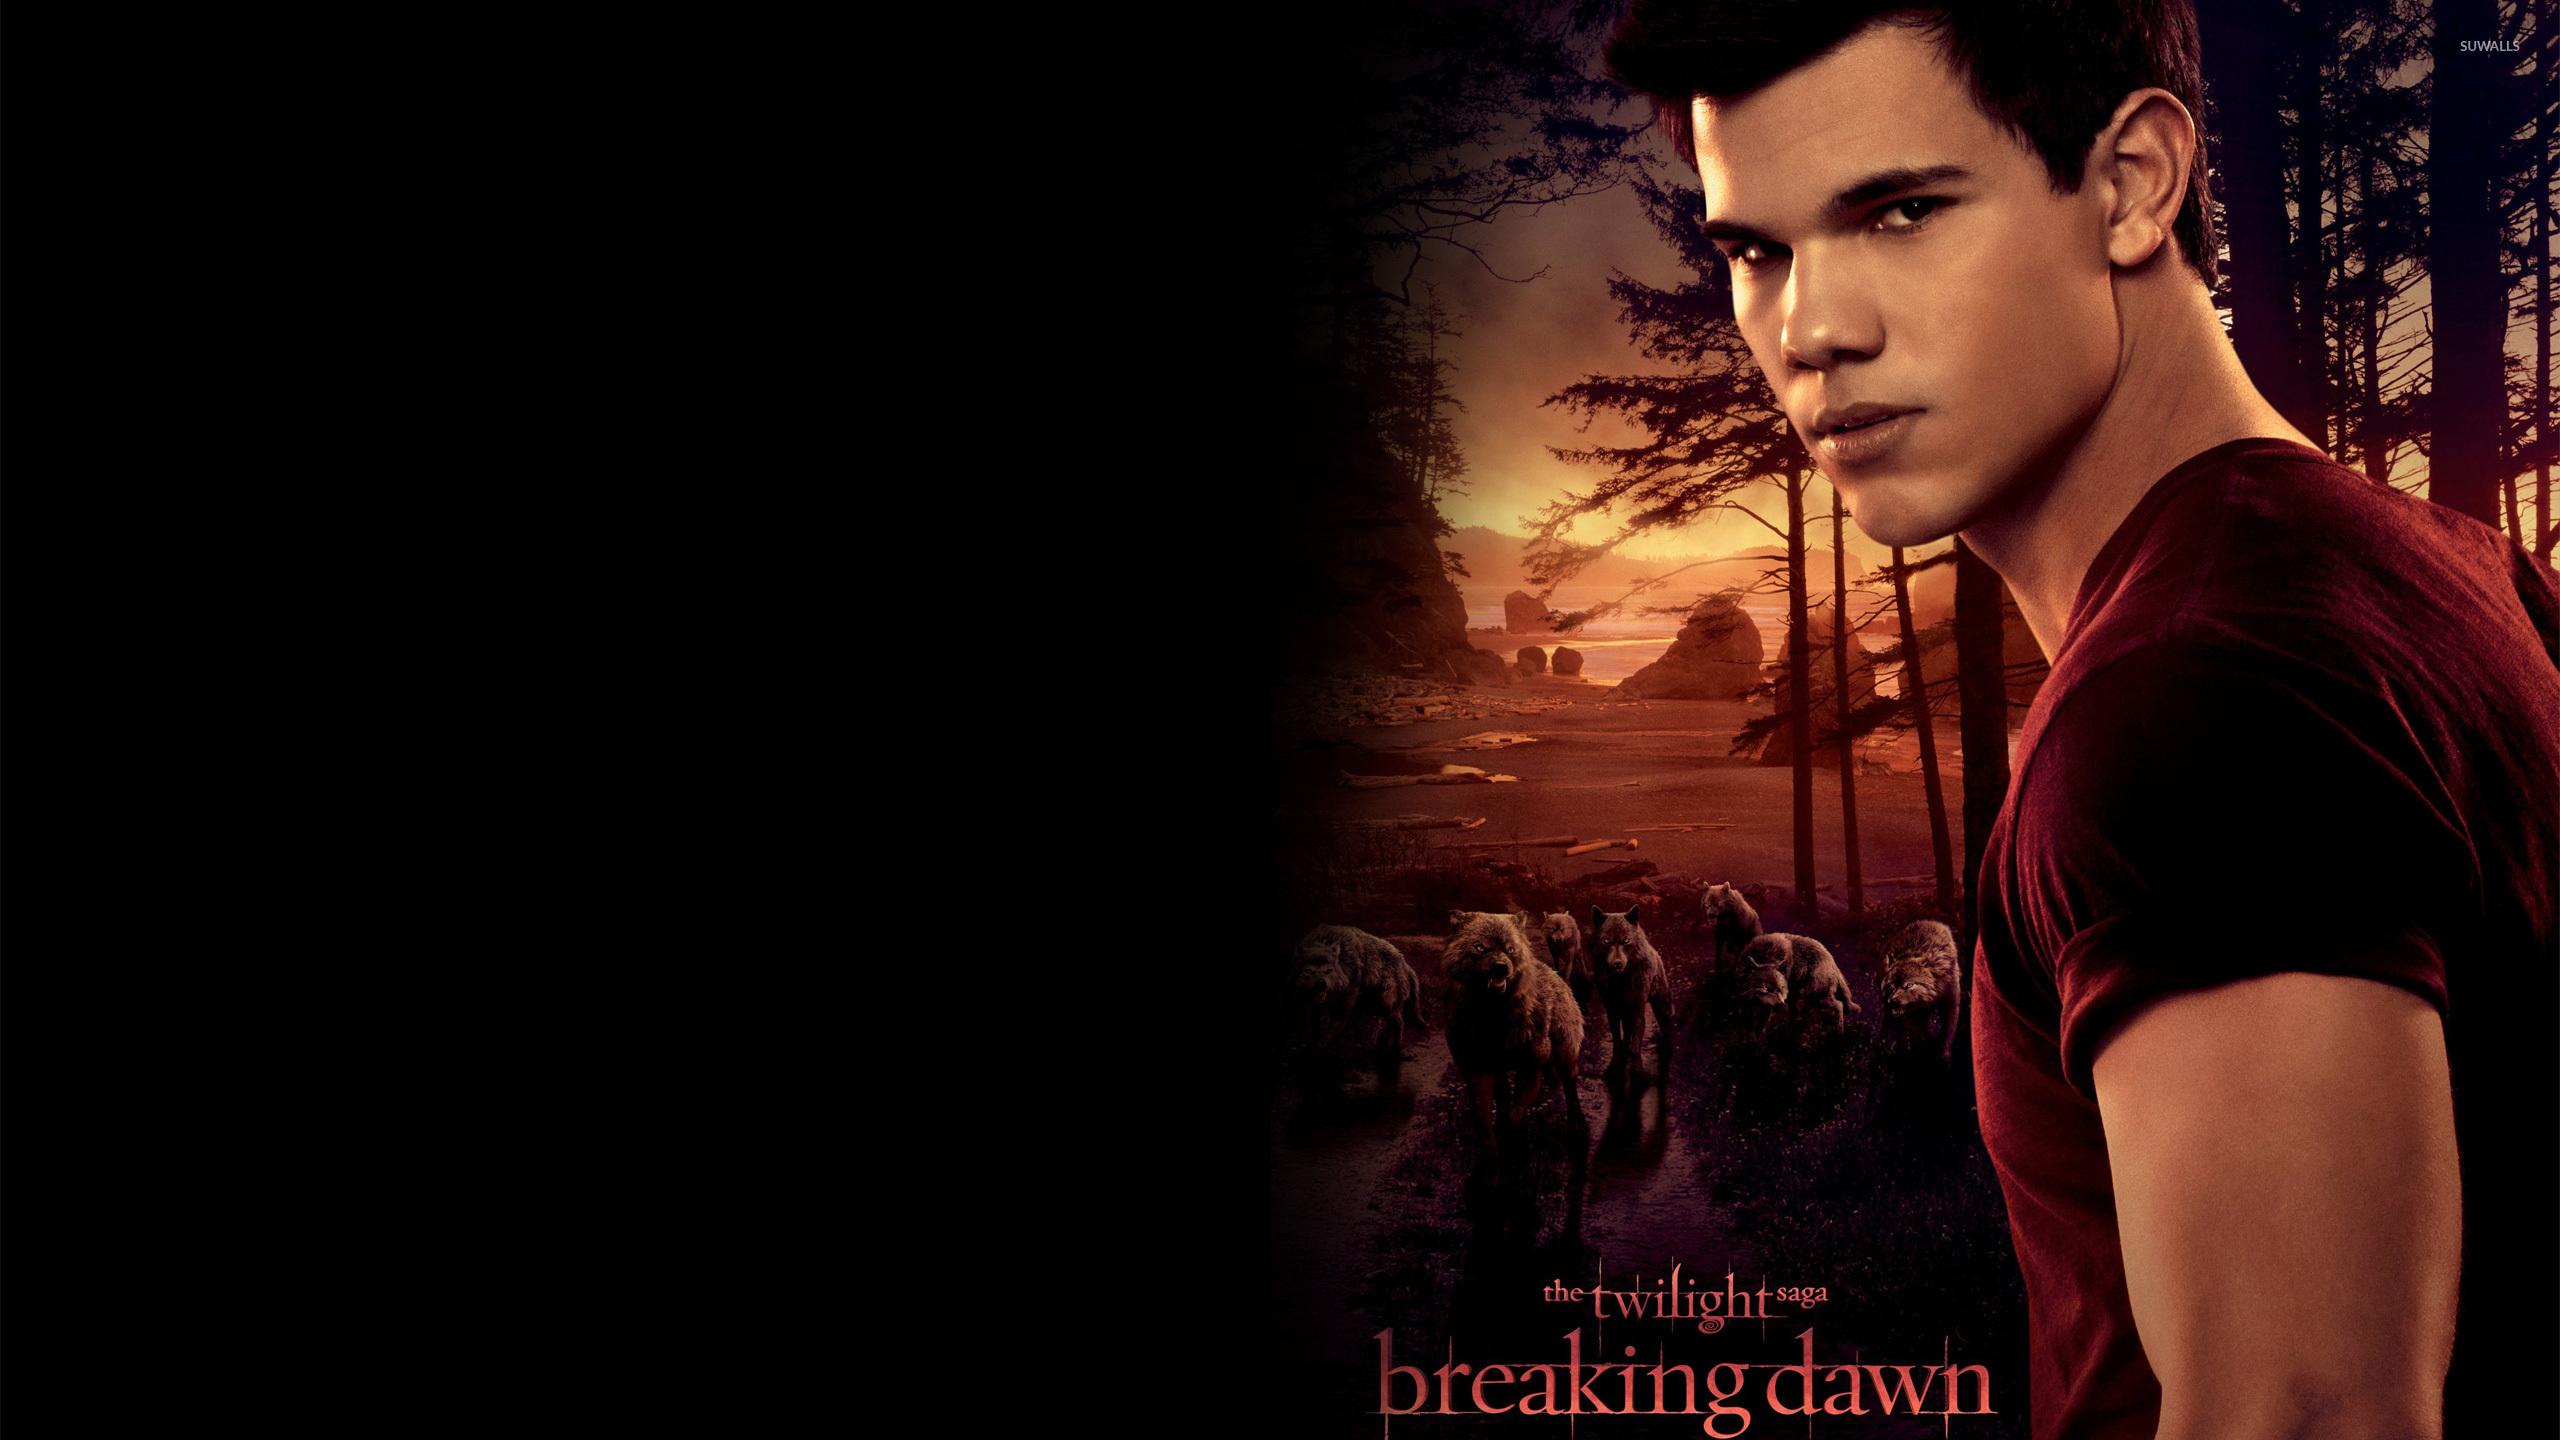 Jacob black in movie